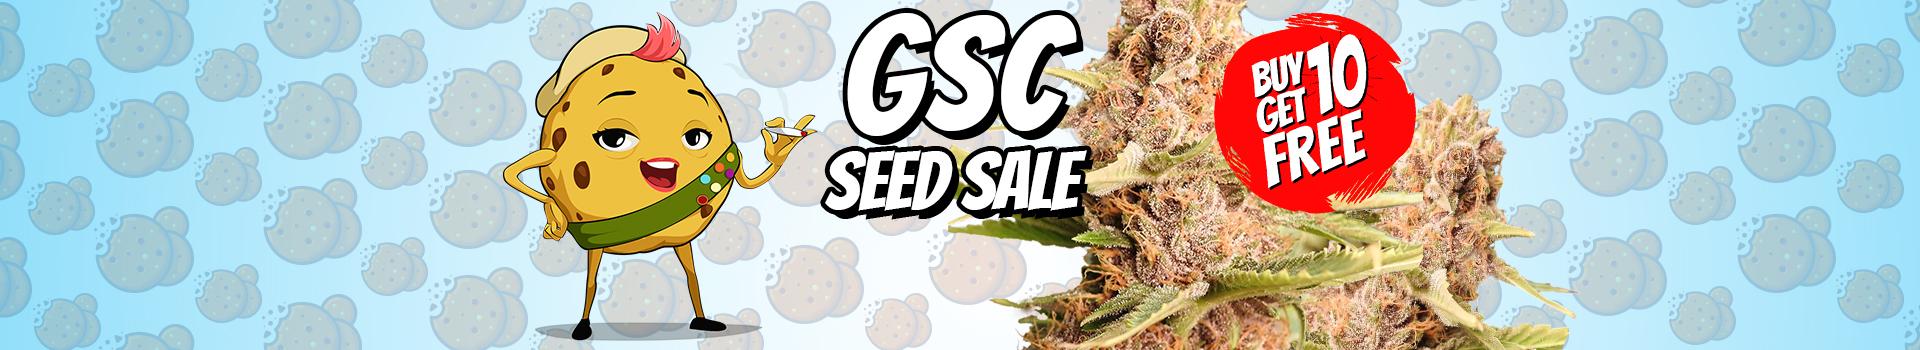 GDP Purple marijuana seed sale large